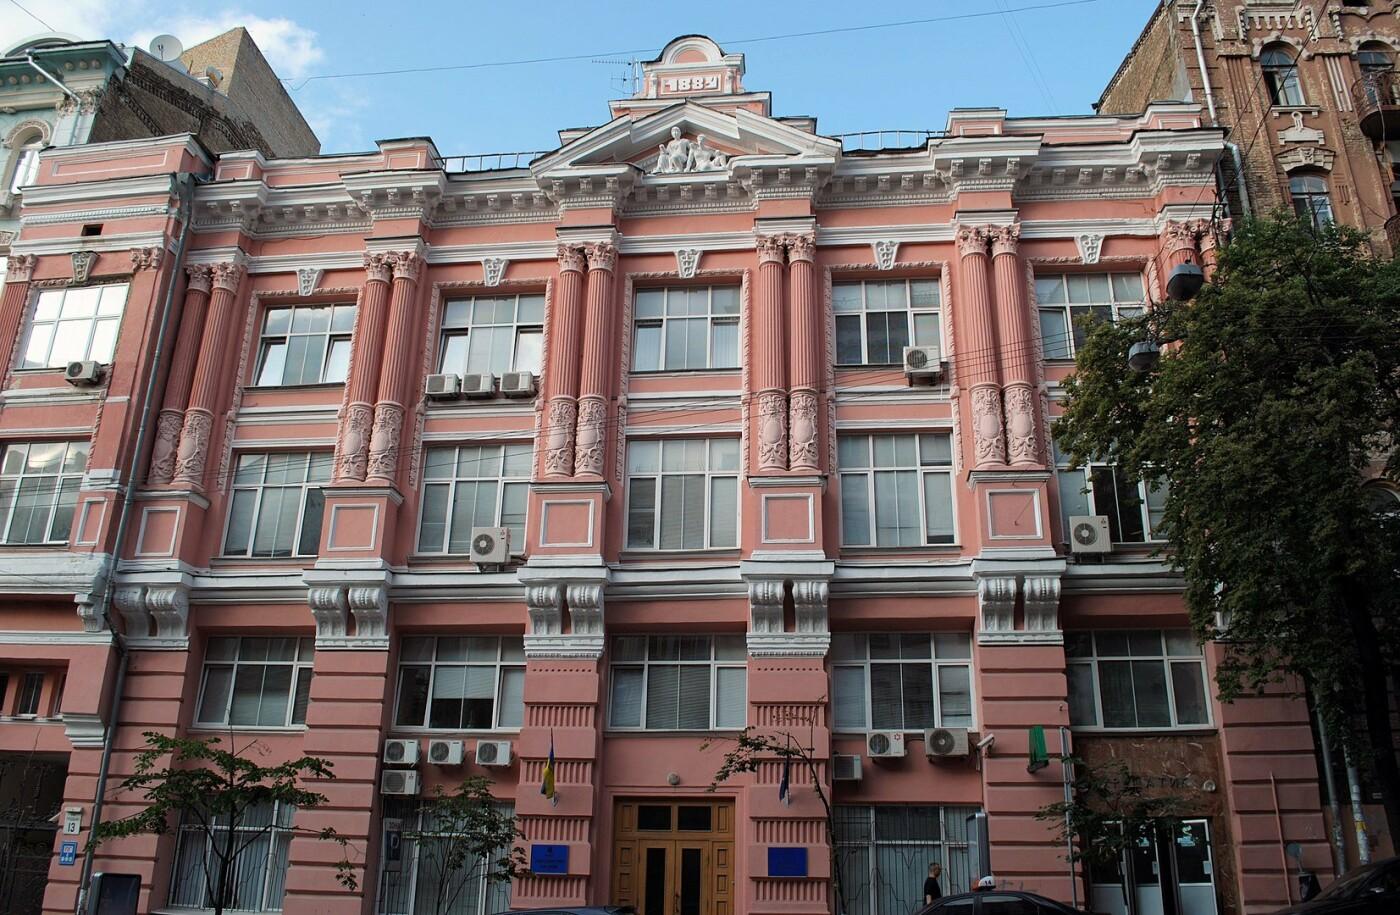 Дом Кимаера в Киеве, фото: Википедия